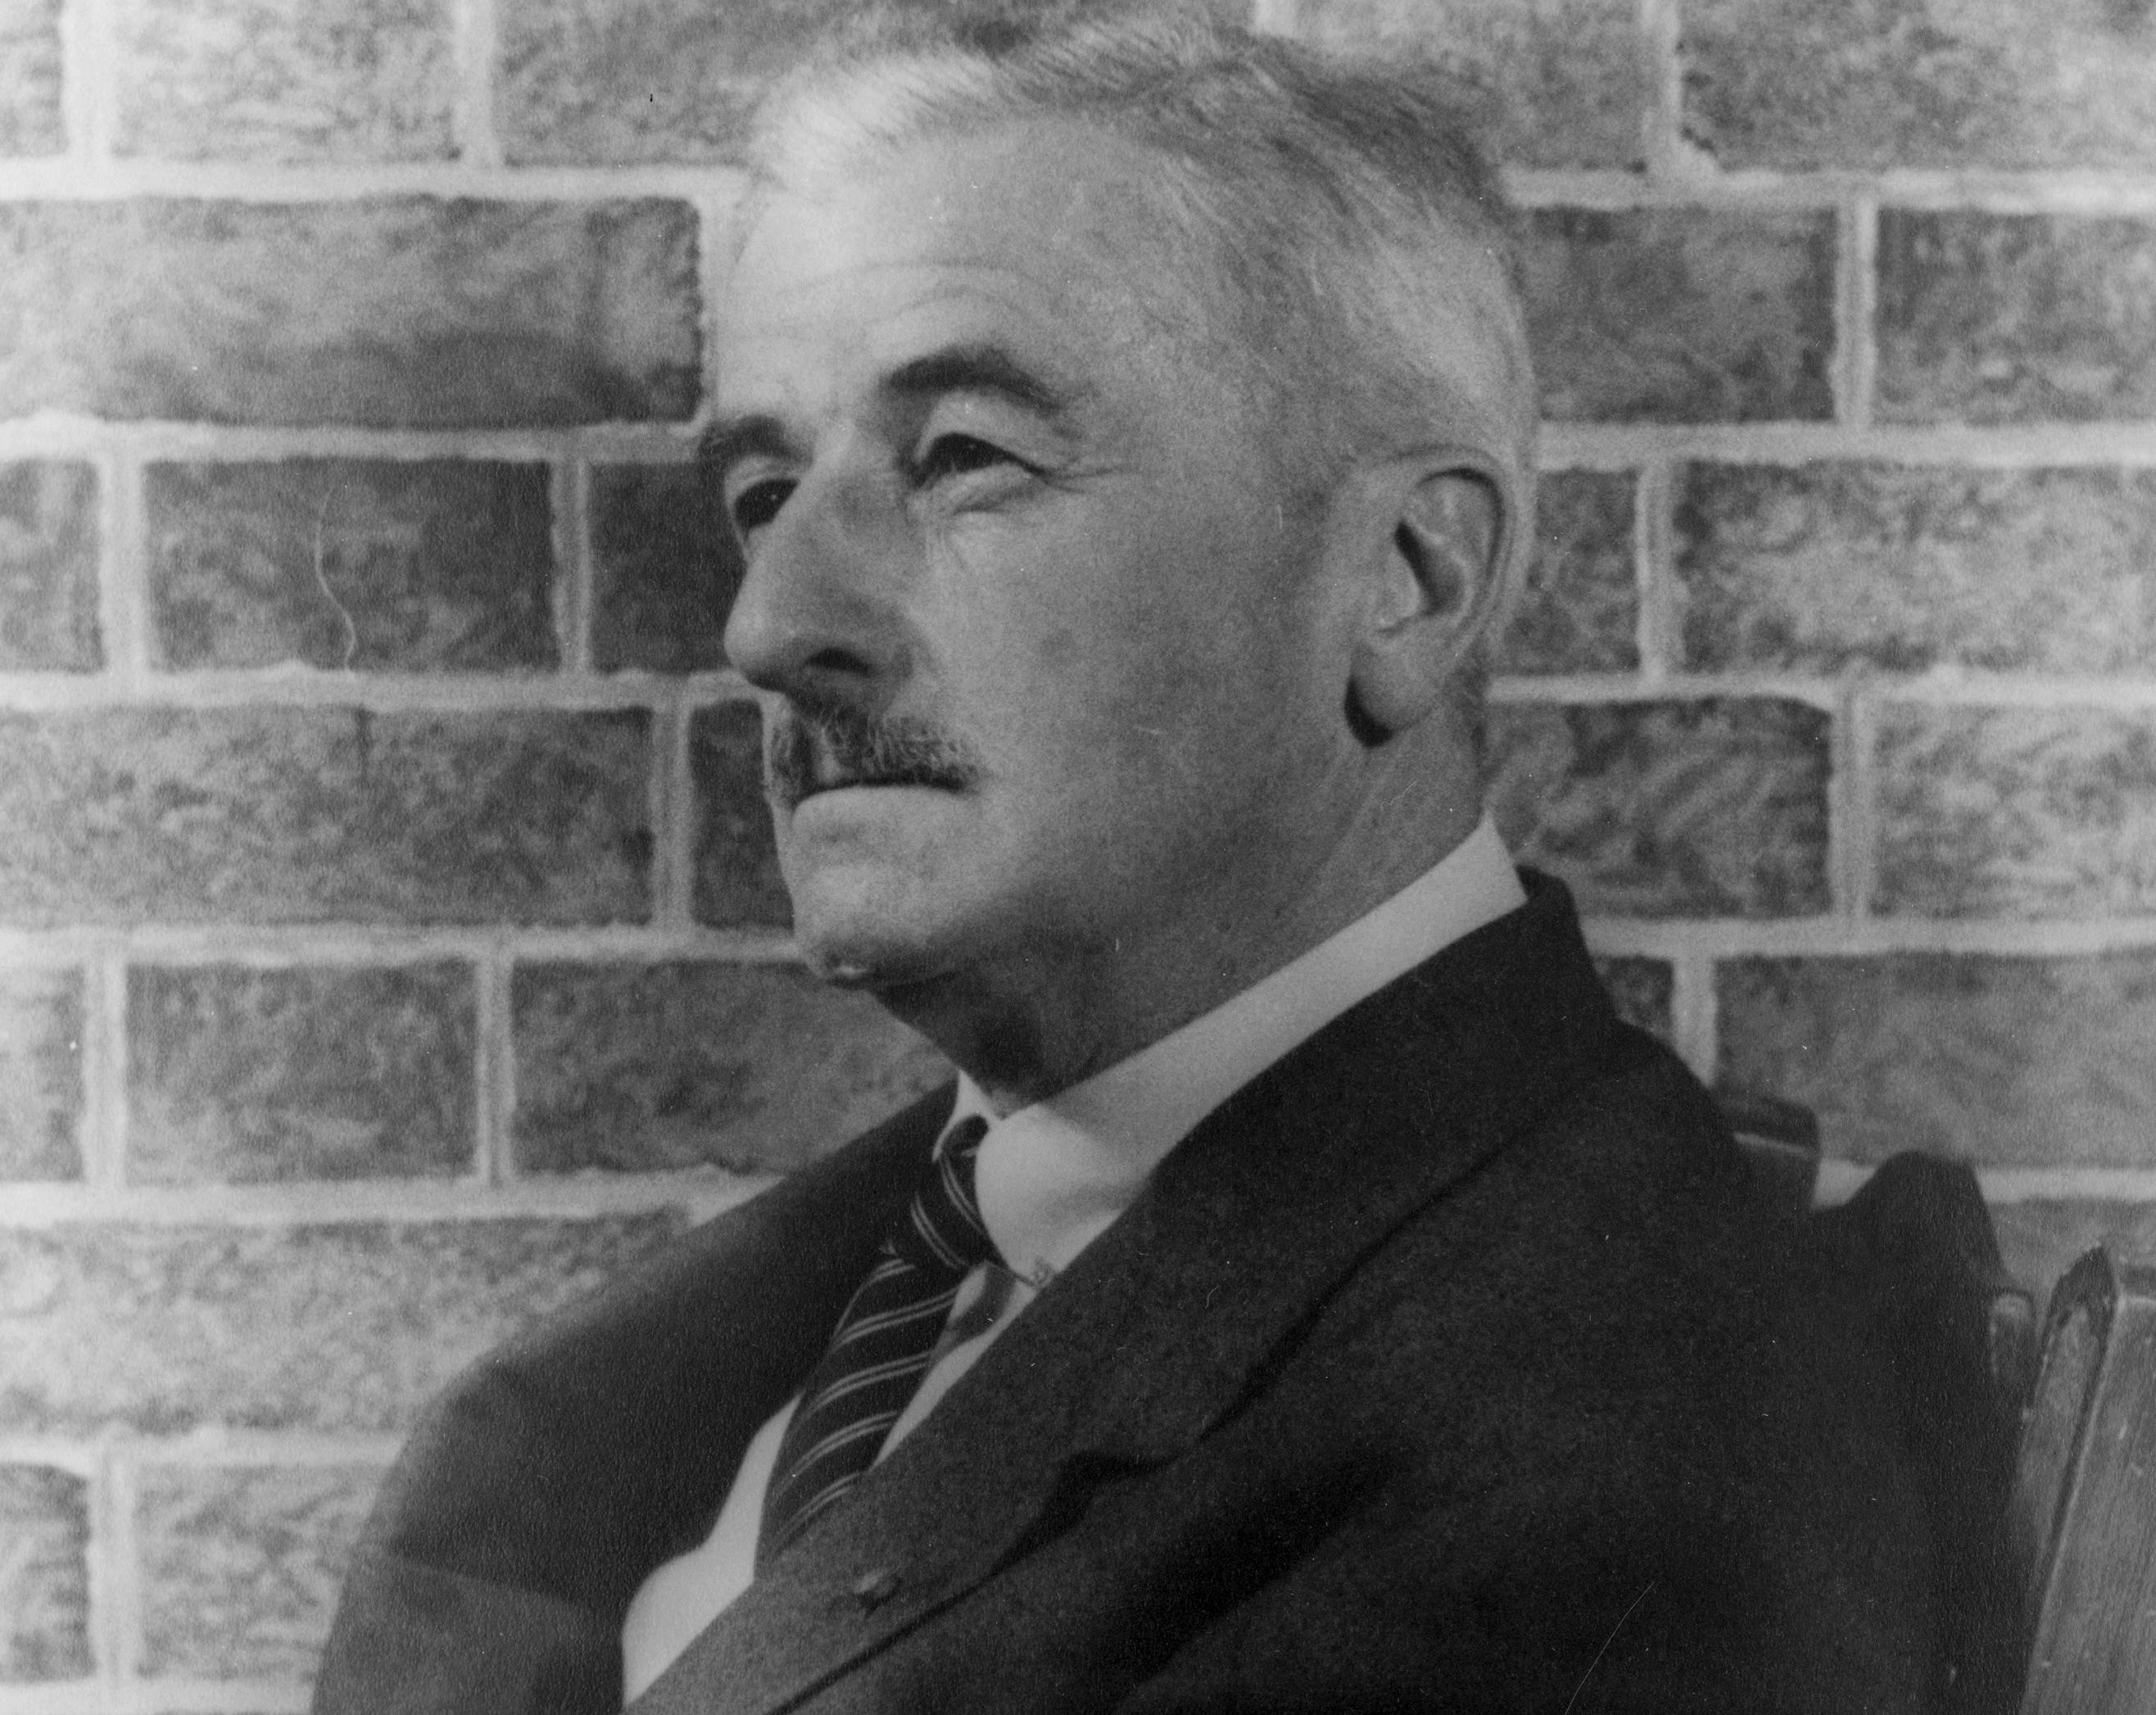 William_Faulkner_1954_(2)_(photo_by_Carl_van_Vechten)